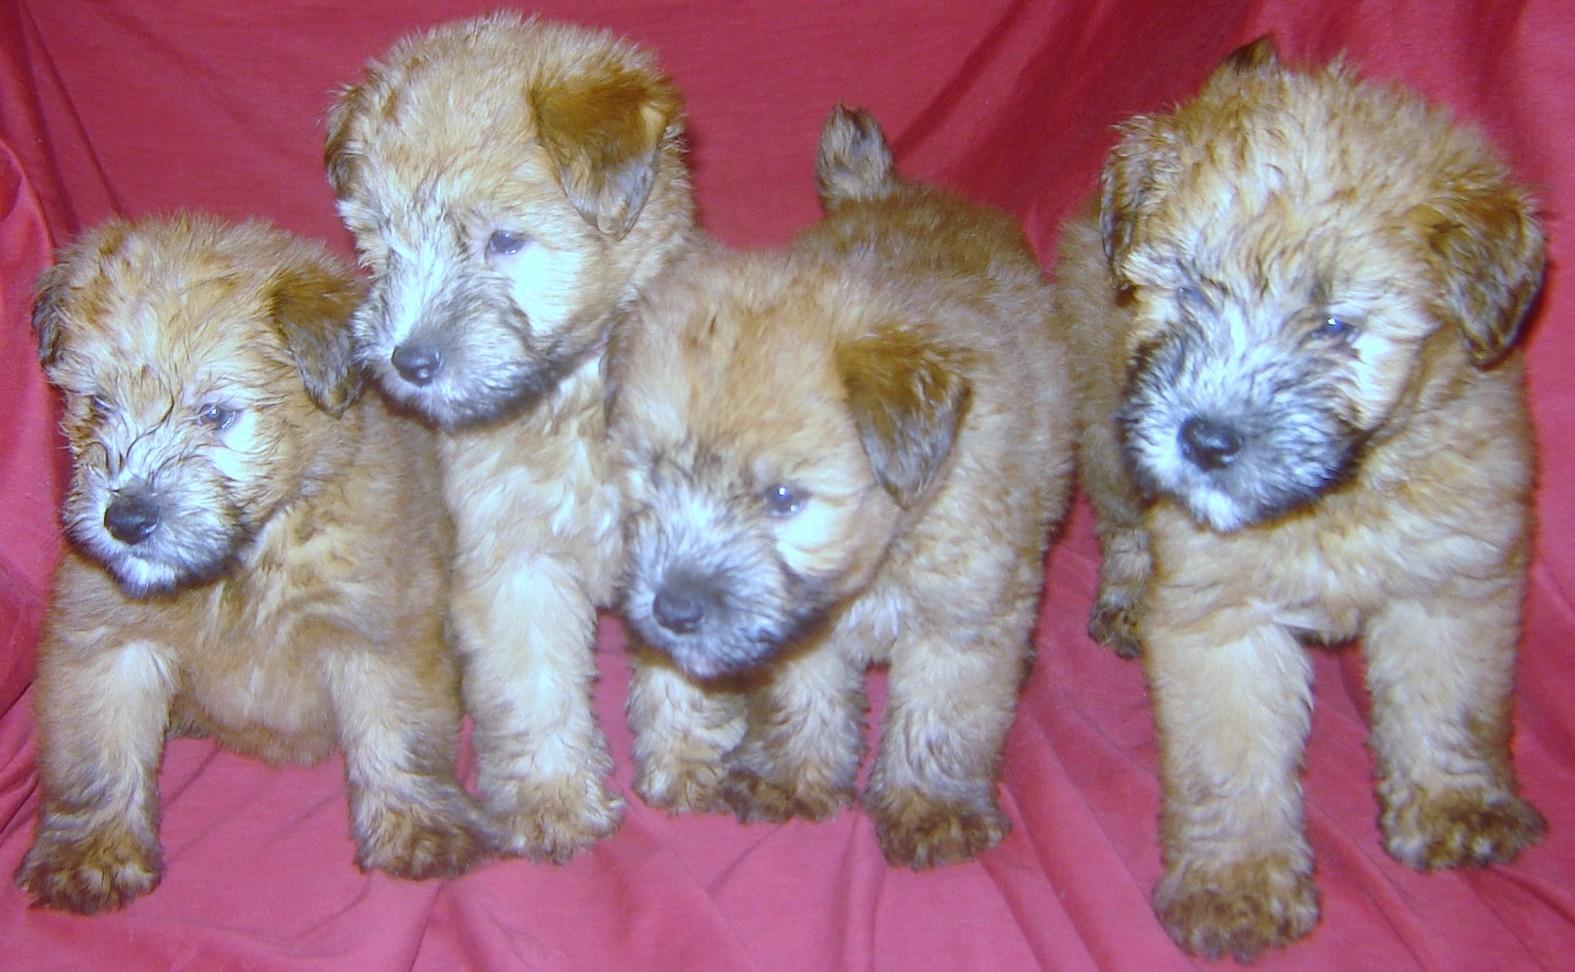 Schweizerischer Niederlaufhund Puppies: Schweizerischer Soft Coated Wheaten Terrier Puppies Breed